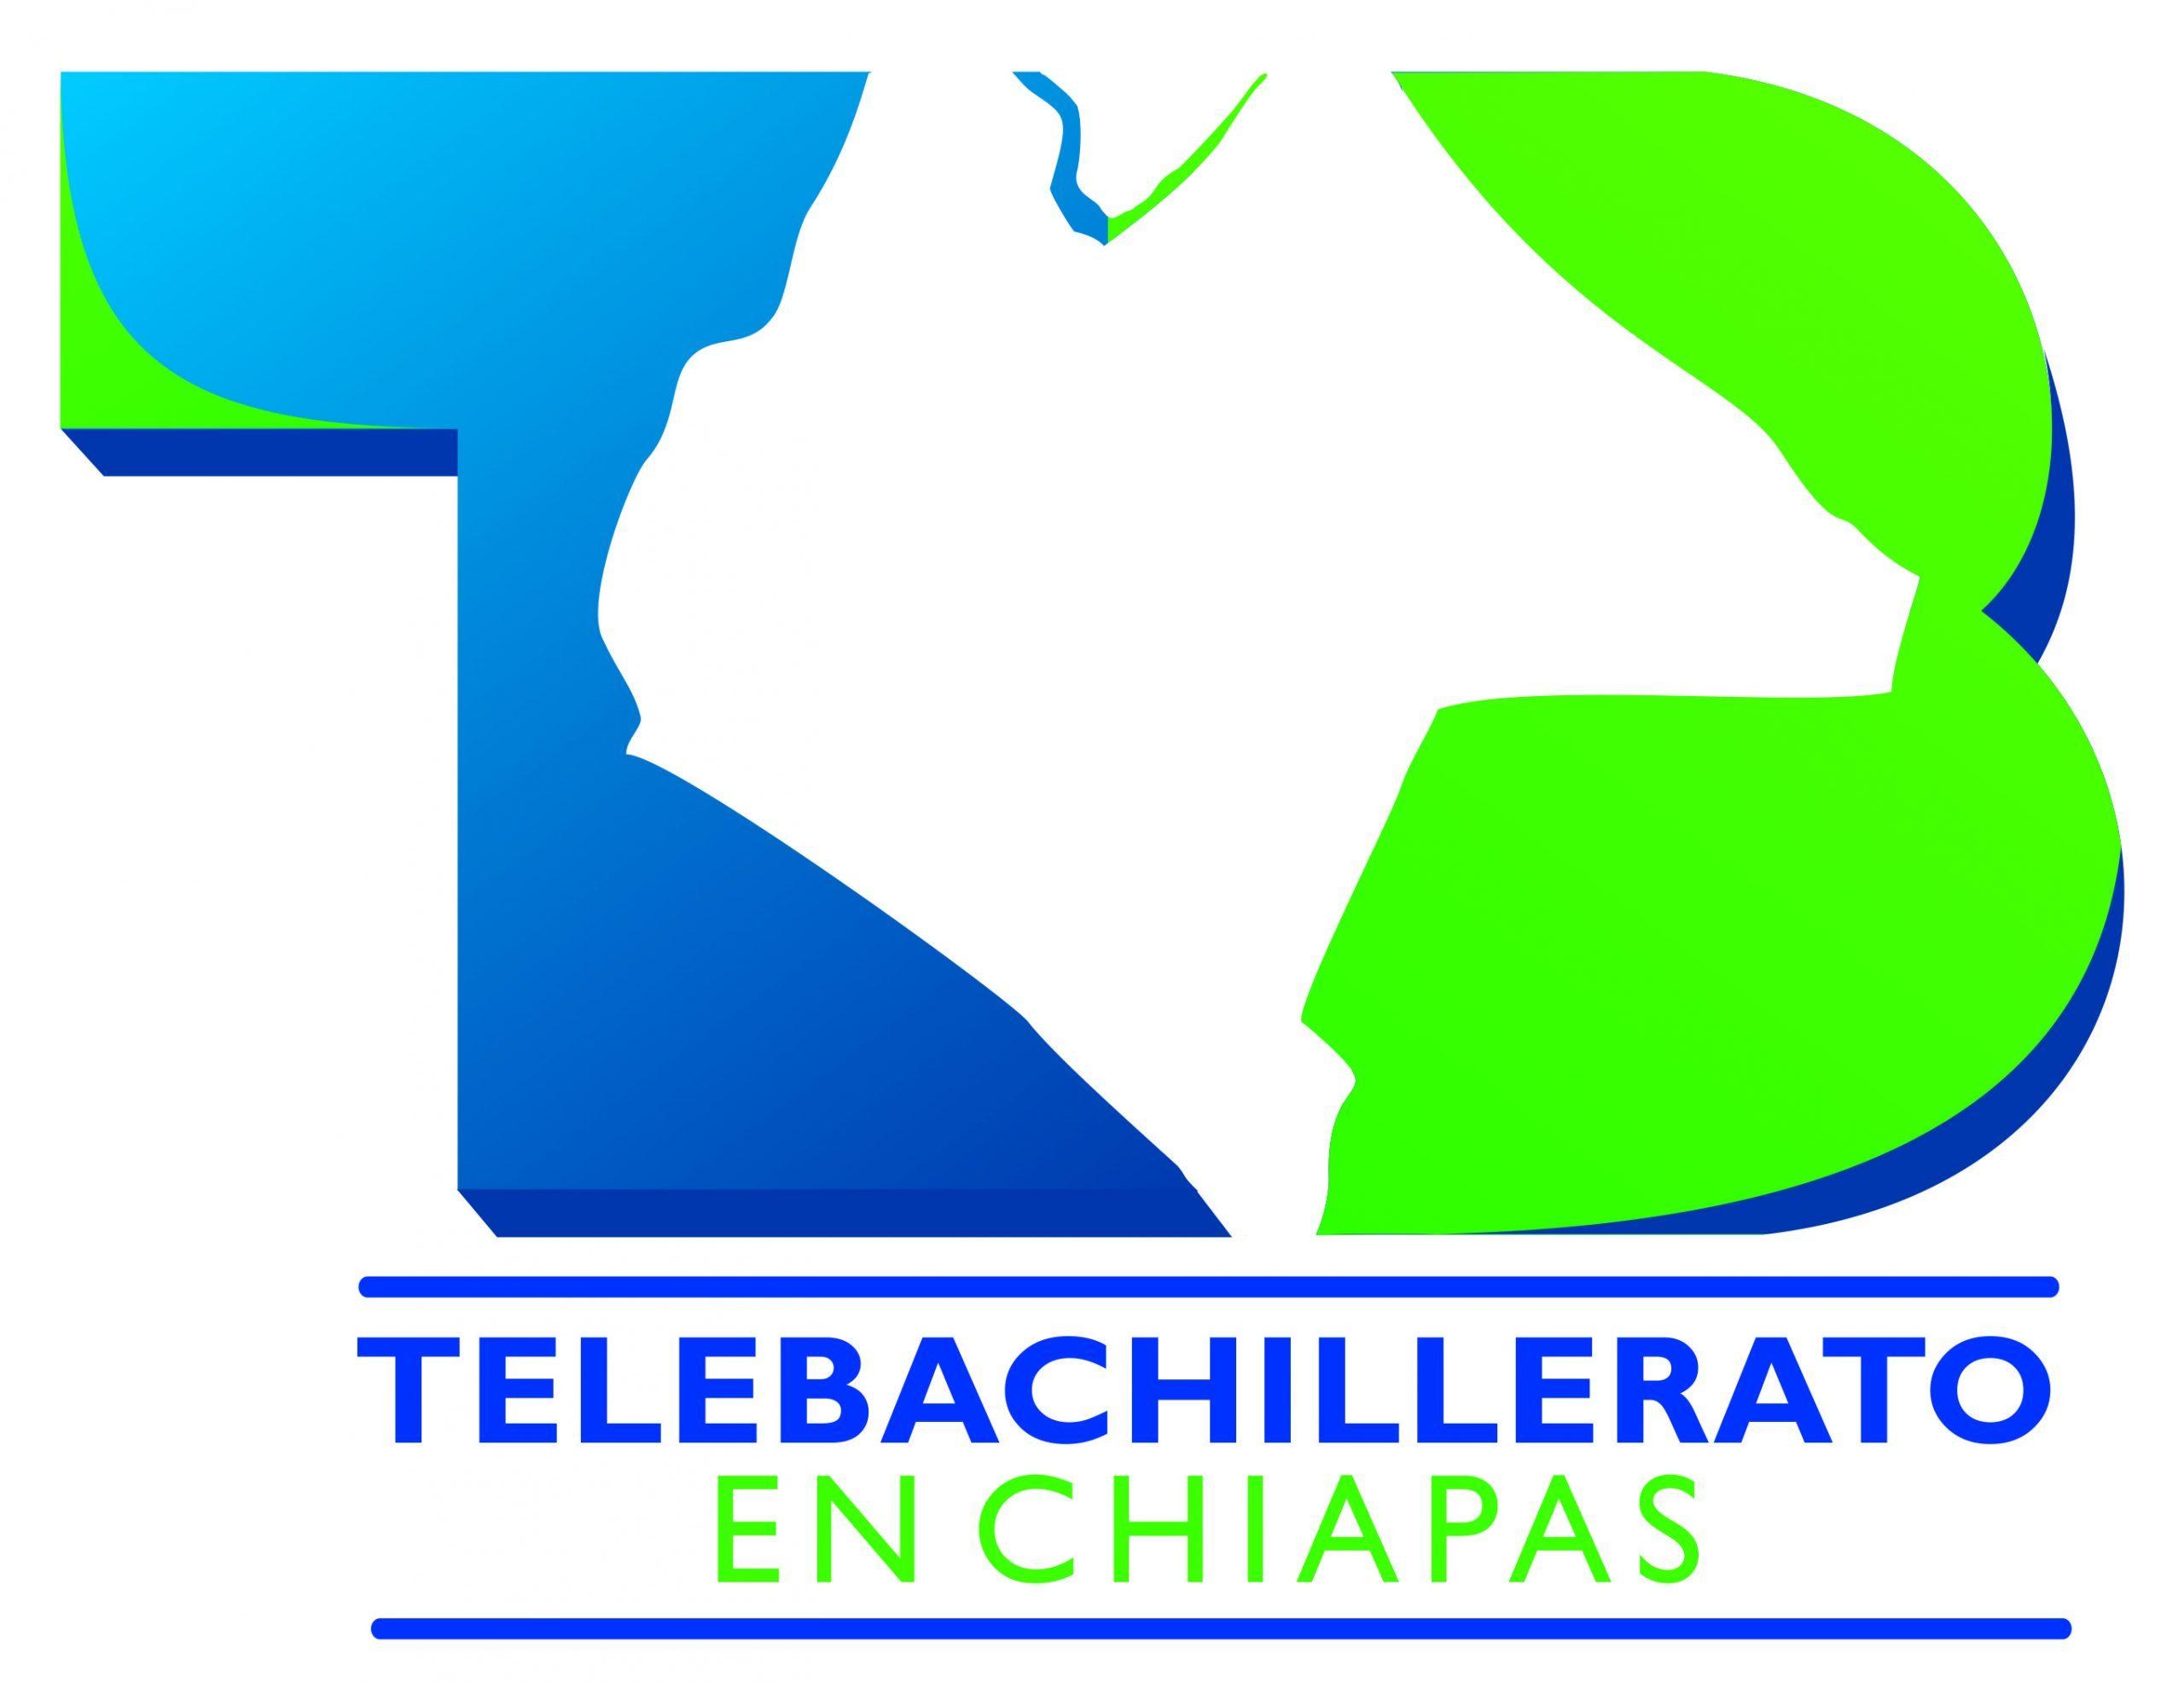 Telebachillerato en Chiapas